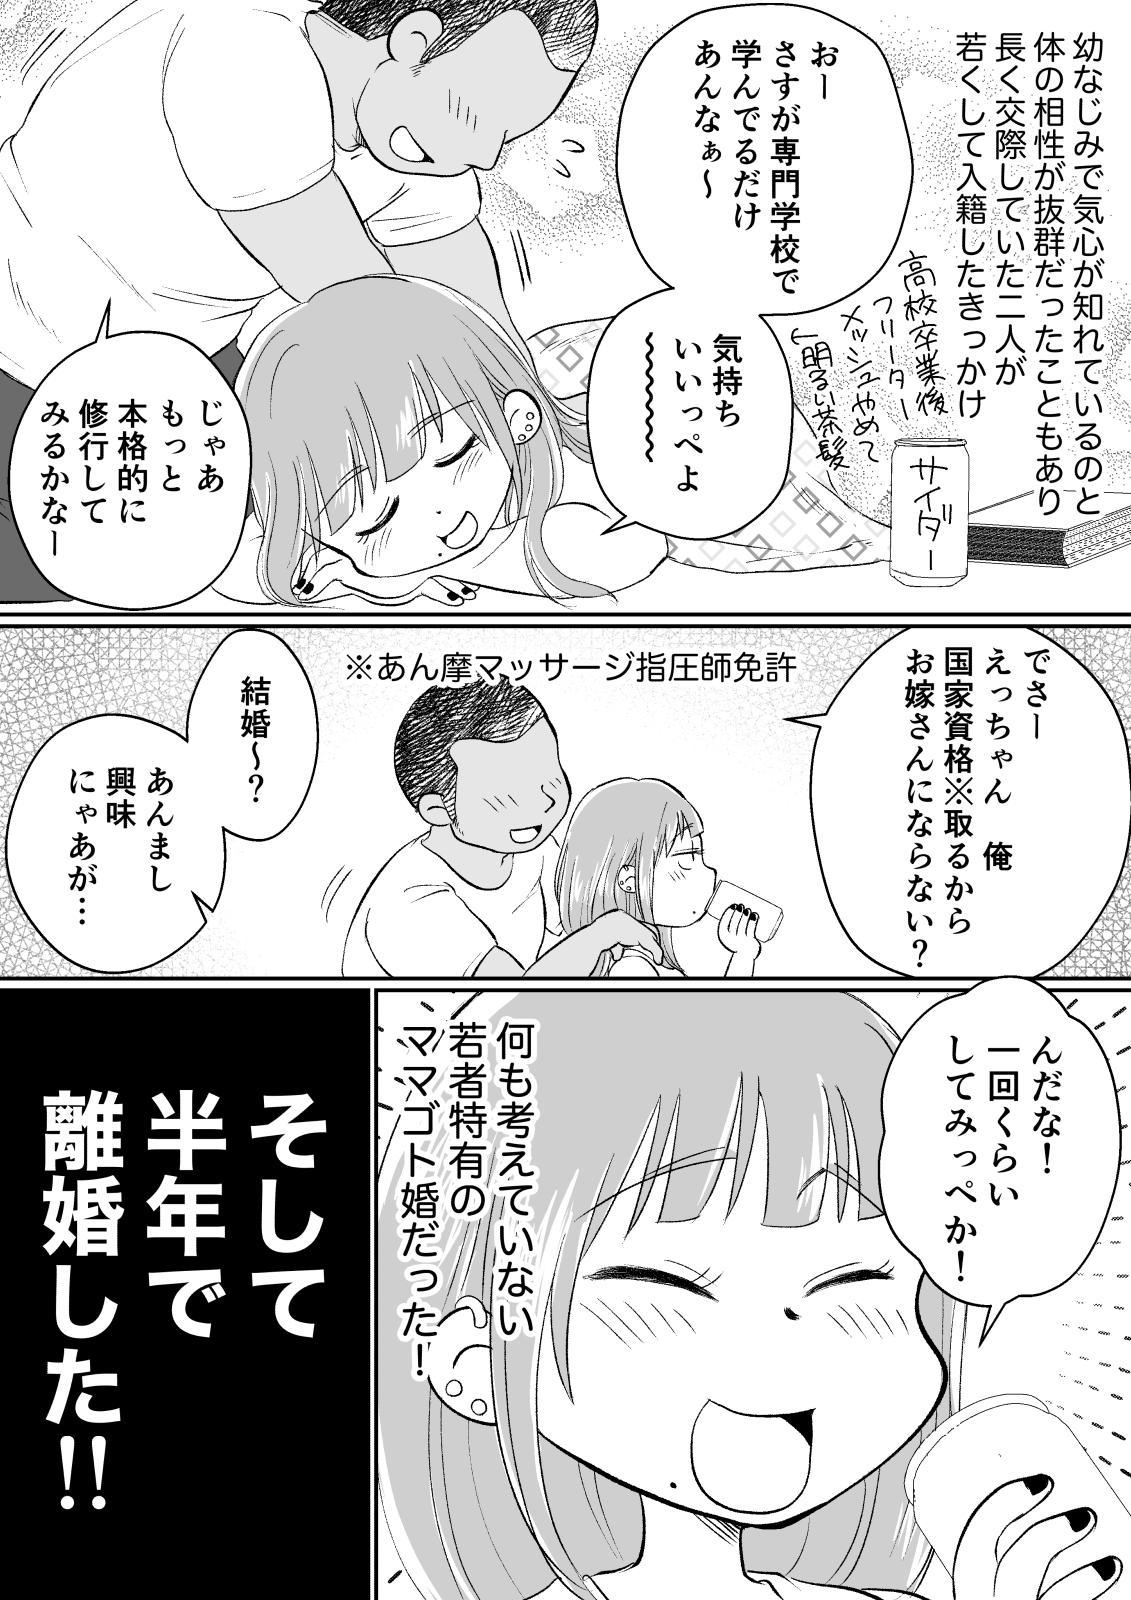 Batsuichi Hitozuma, Moto Danna no Ero Massage ni Ochiru! 84